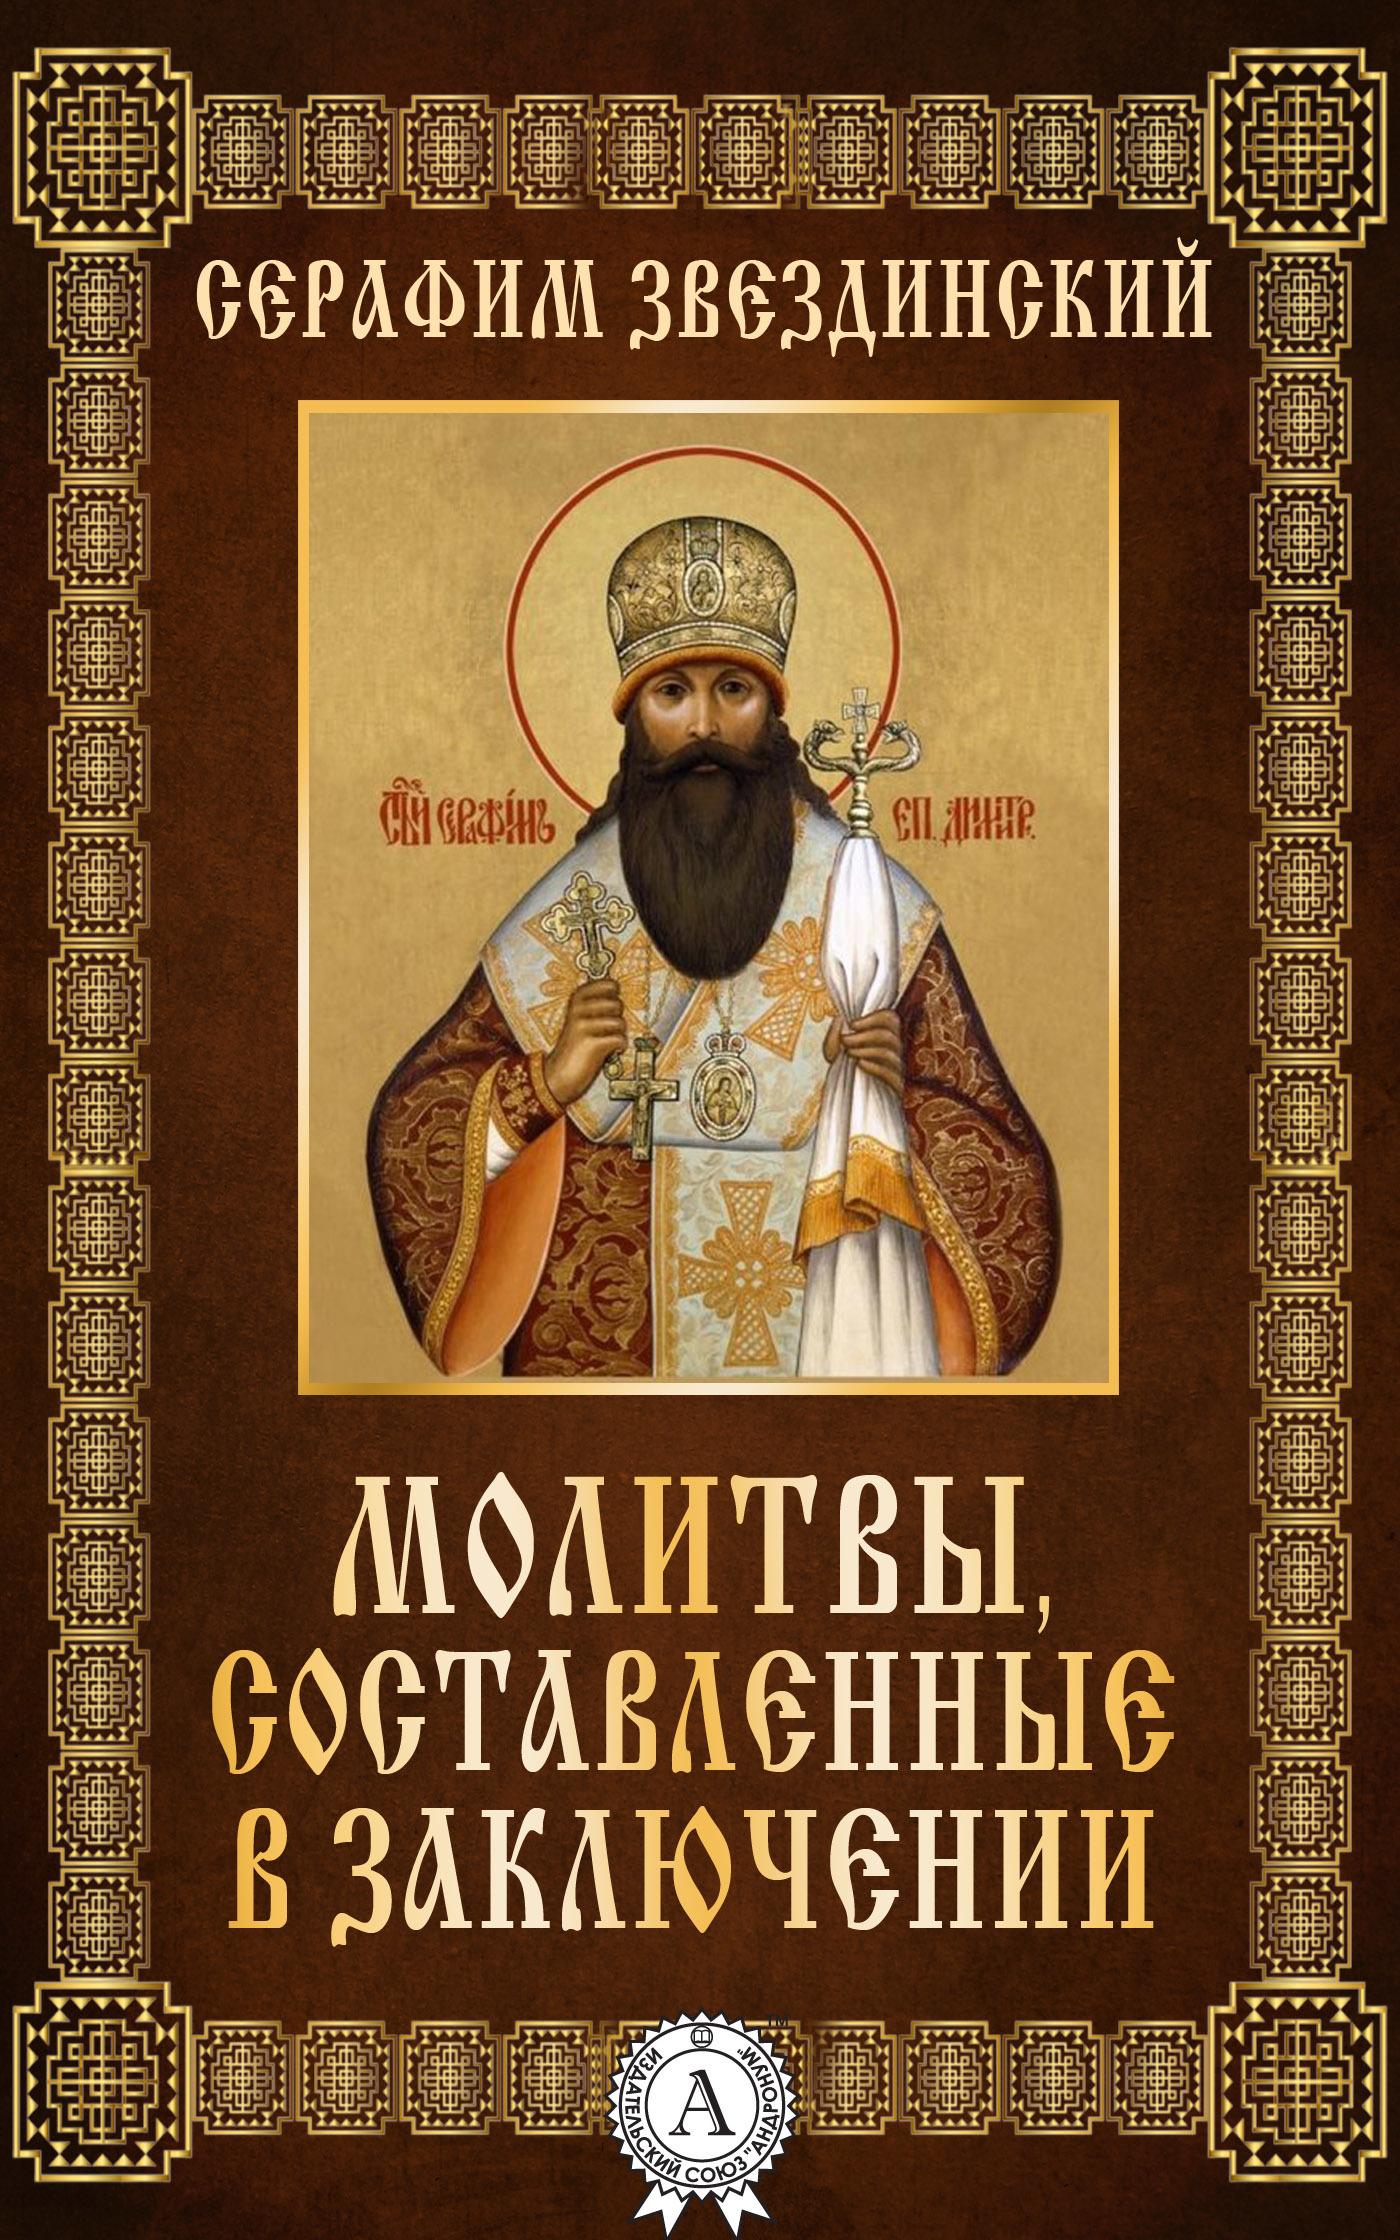 данилов монастырь акафист иисусу сладчайшему Серафим Звездинский Молитвы составленные в заключении